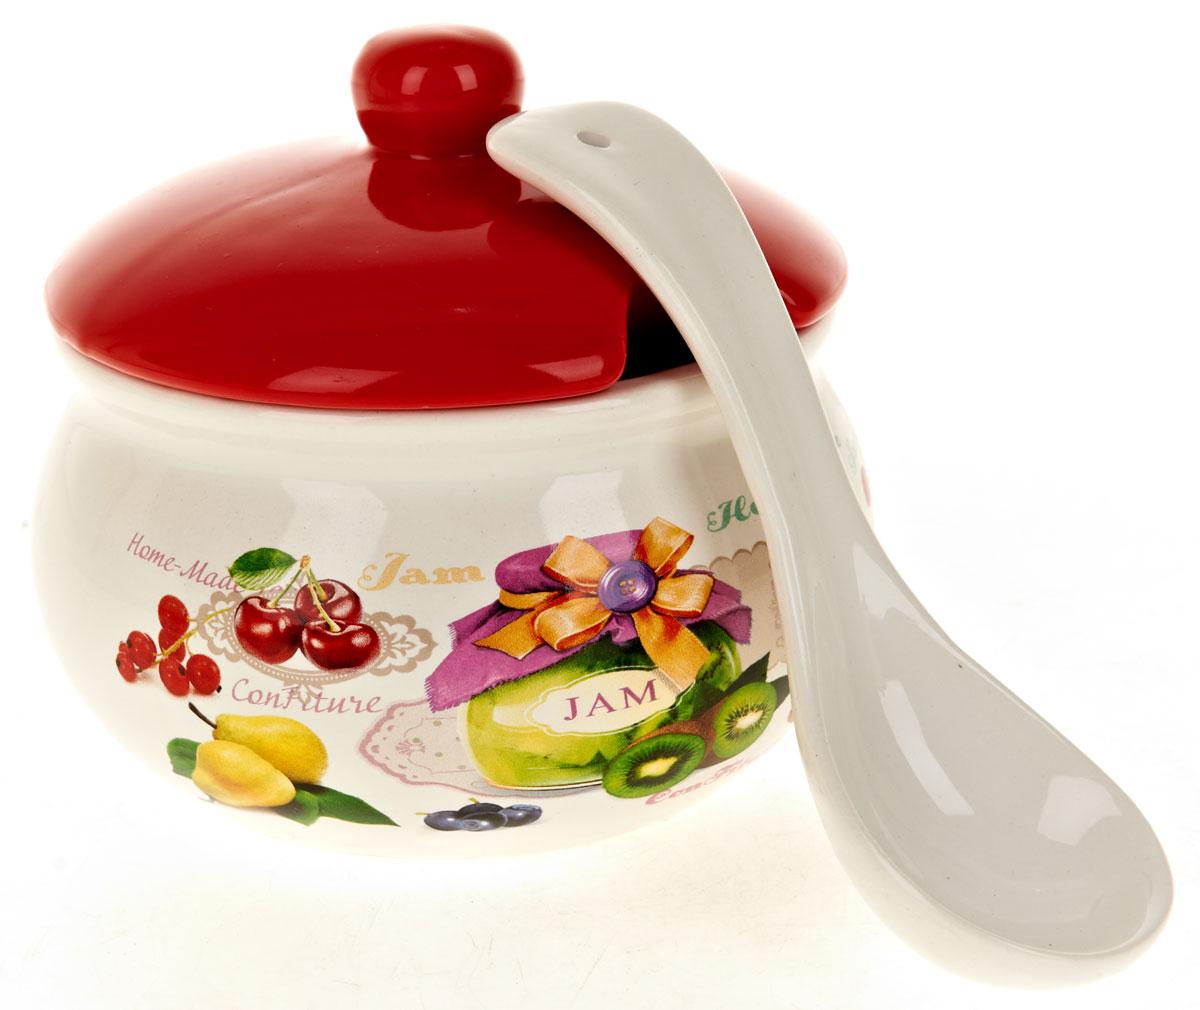 Сахарница ENS Group Джем, с ложкой, 800 млPRML34YE307Сахарница Джем с крышкой и ложкой изготовлена из керамики и украшена ярким рисунком.Емкость универсальна, подойдет как для сахара, так и для специй или меда. Можно мыть в посудомоечной машине.